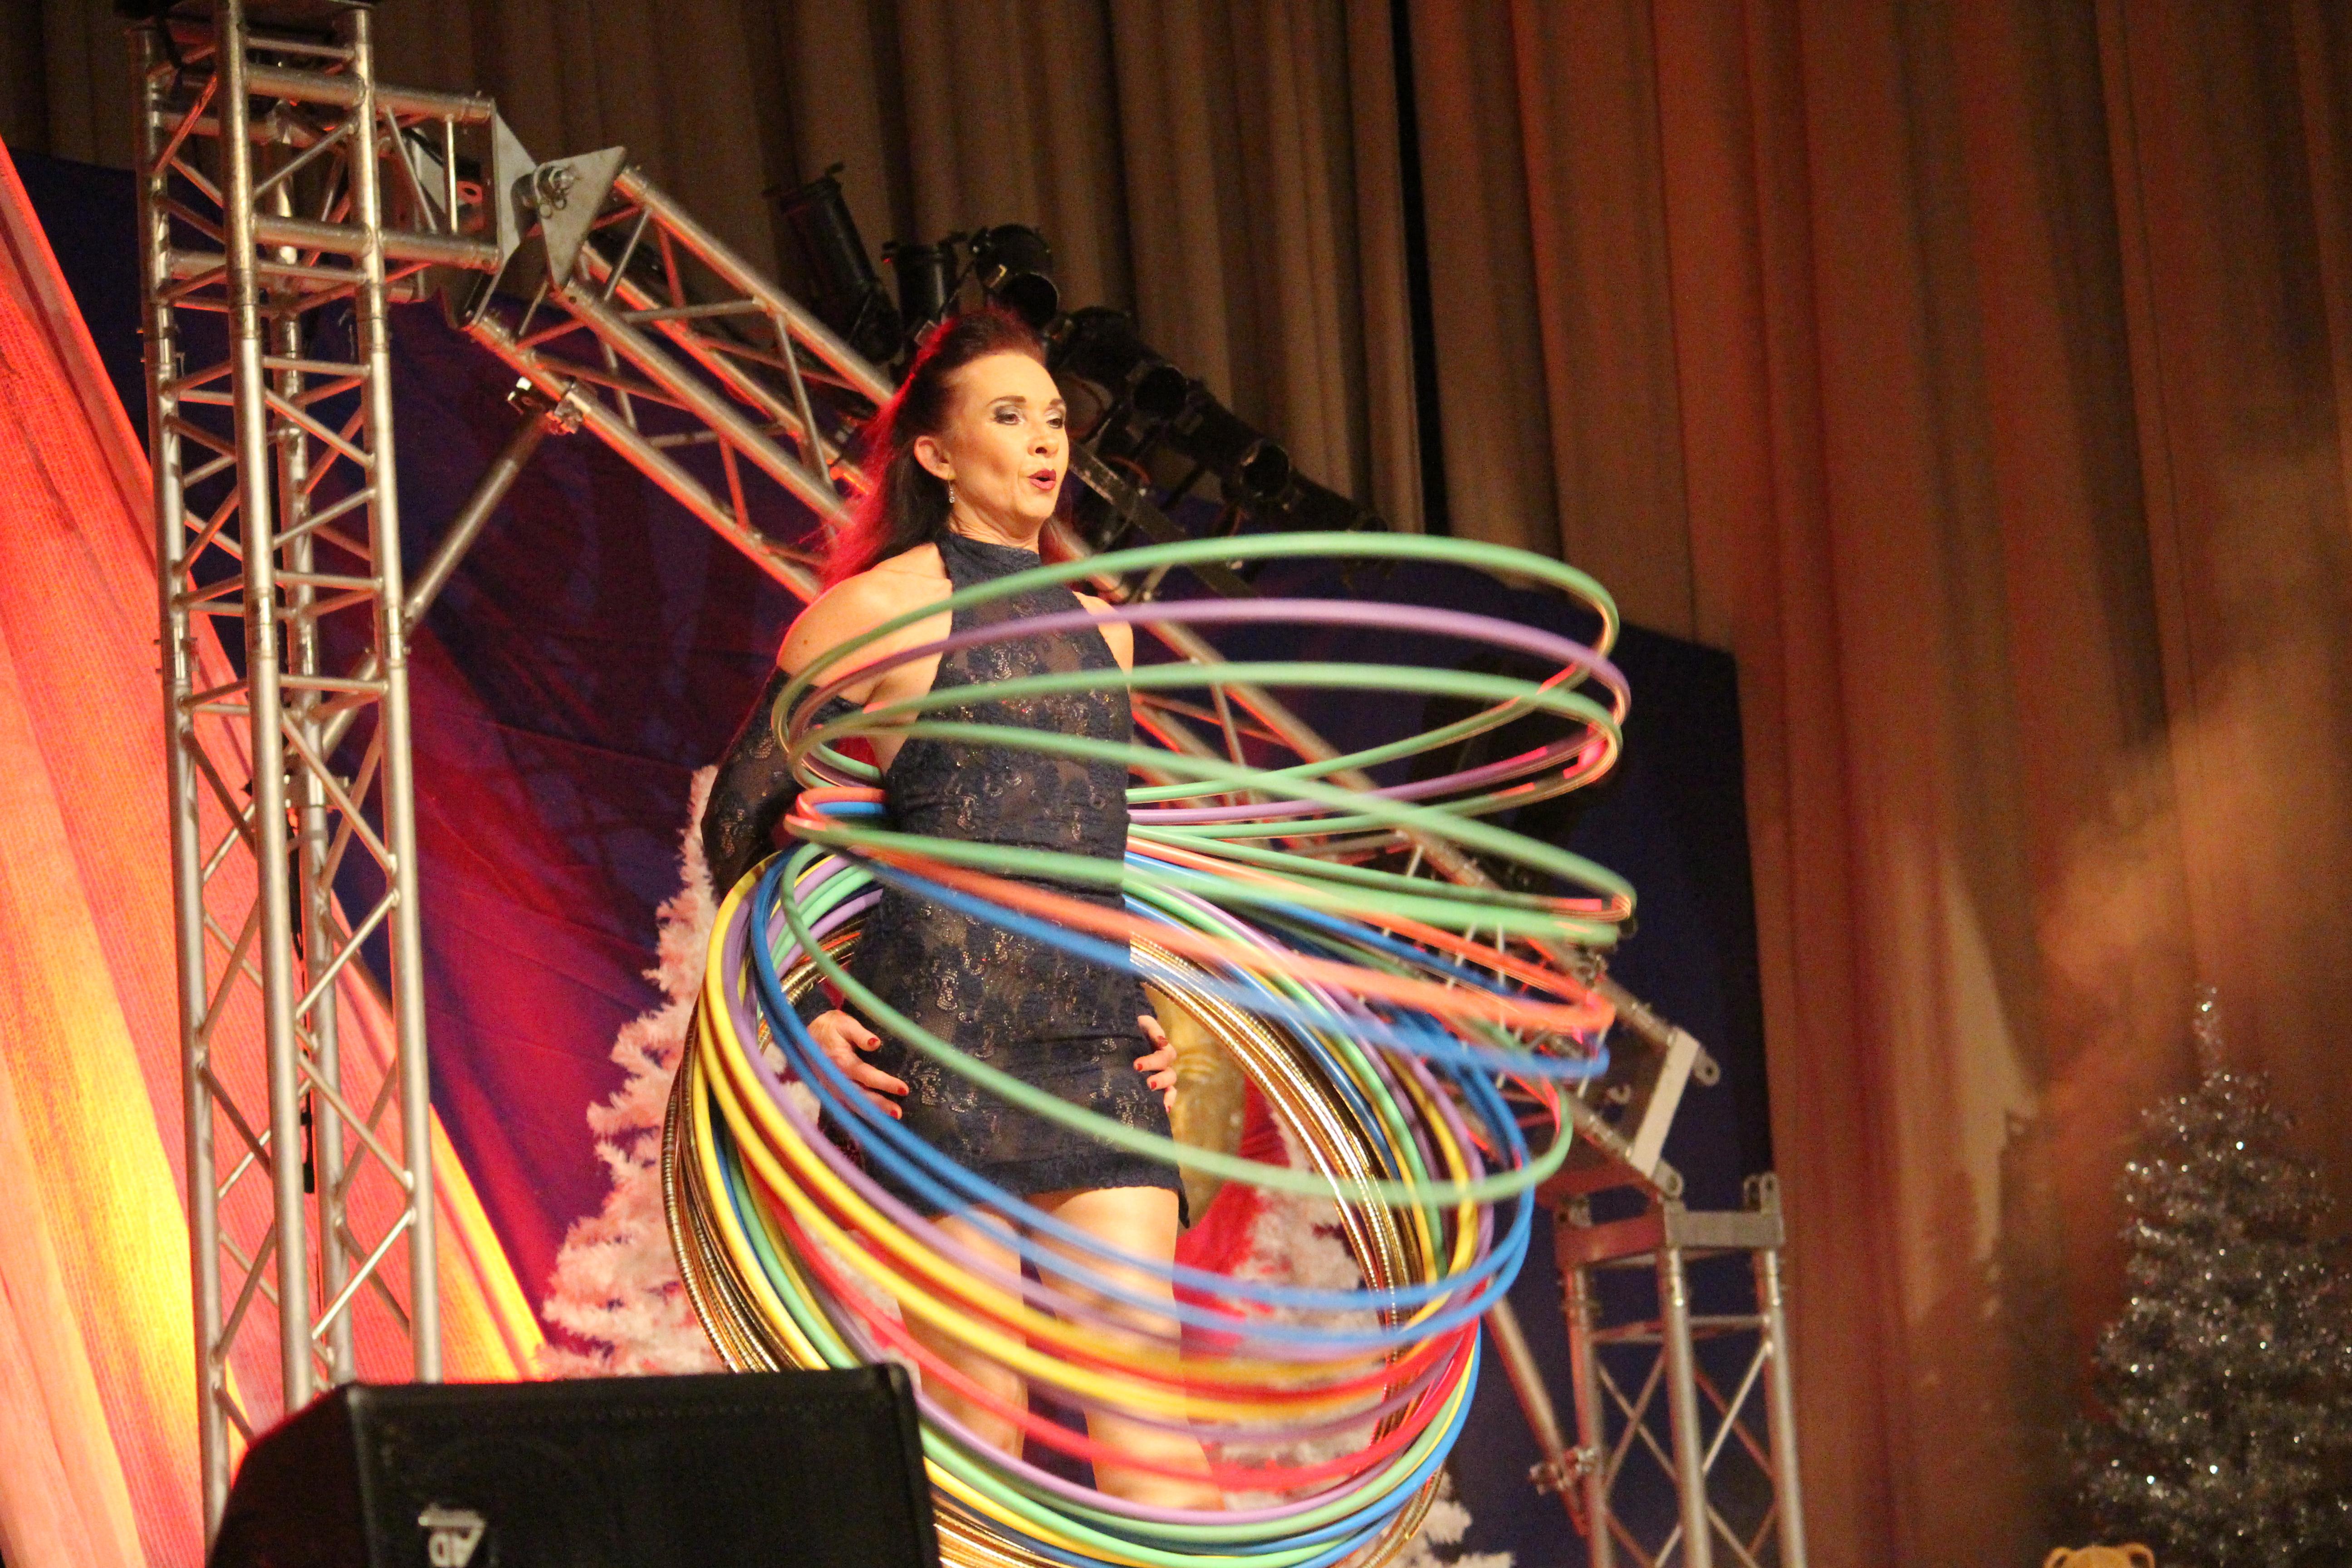 pm -Terisa: Ließ die Hüften schwingen und hielt die Circles in Motion